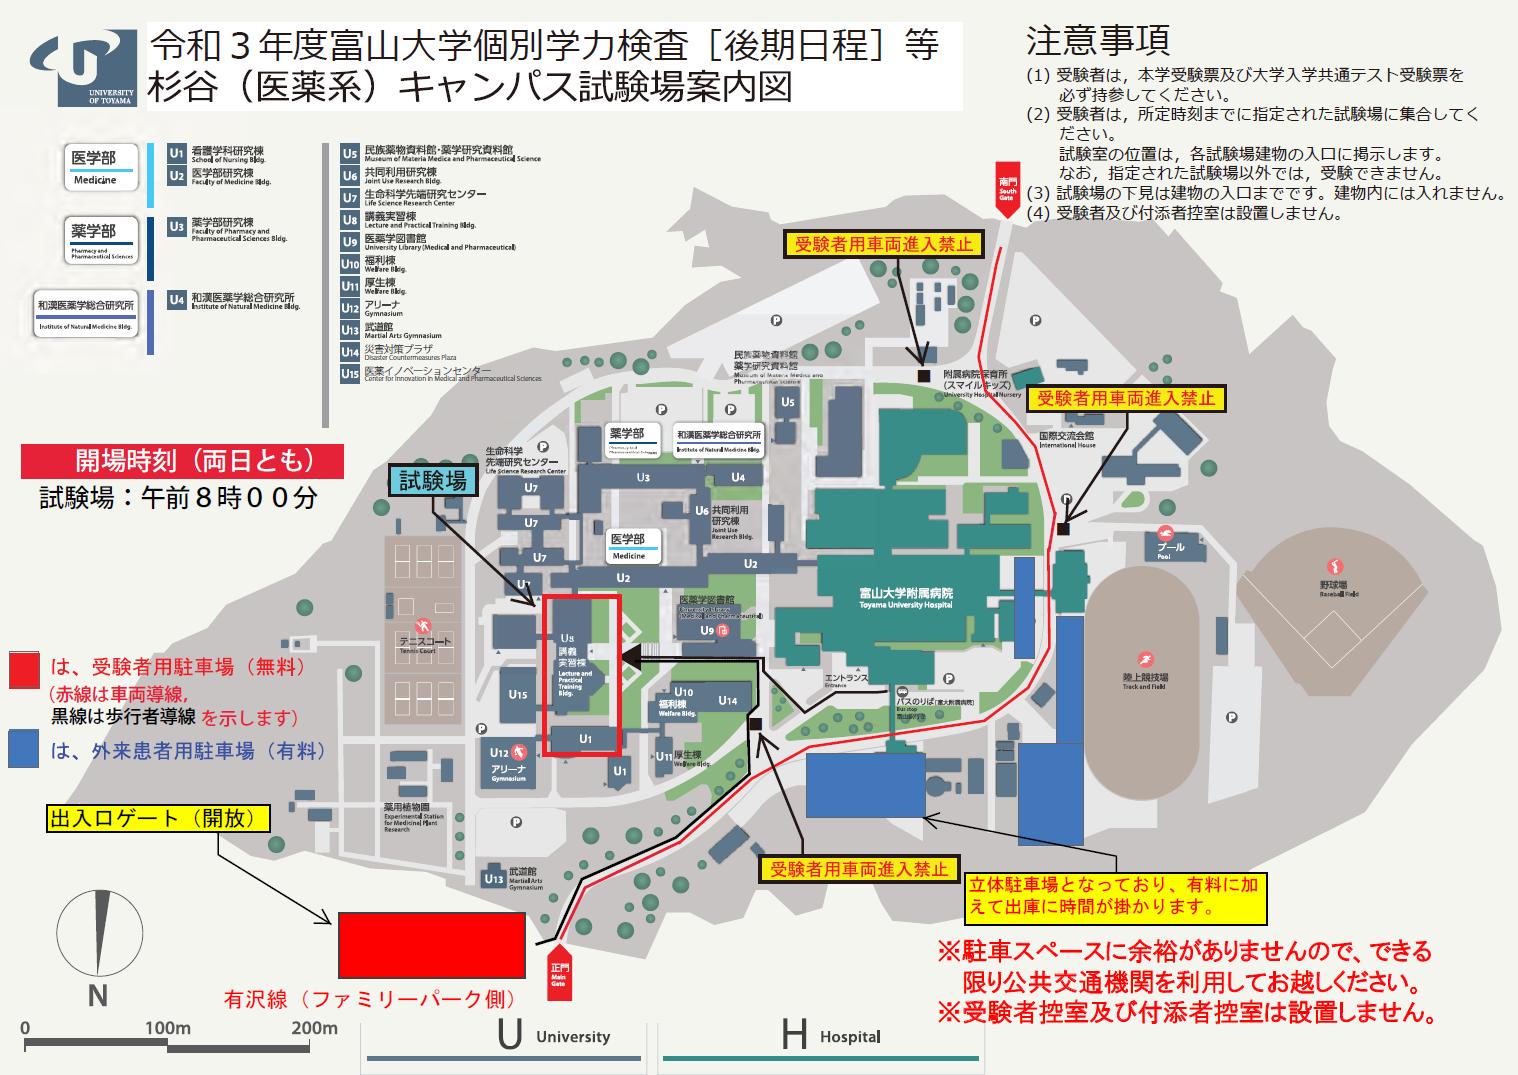 杉谷キャンパス試験場配置図